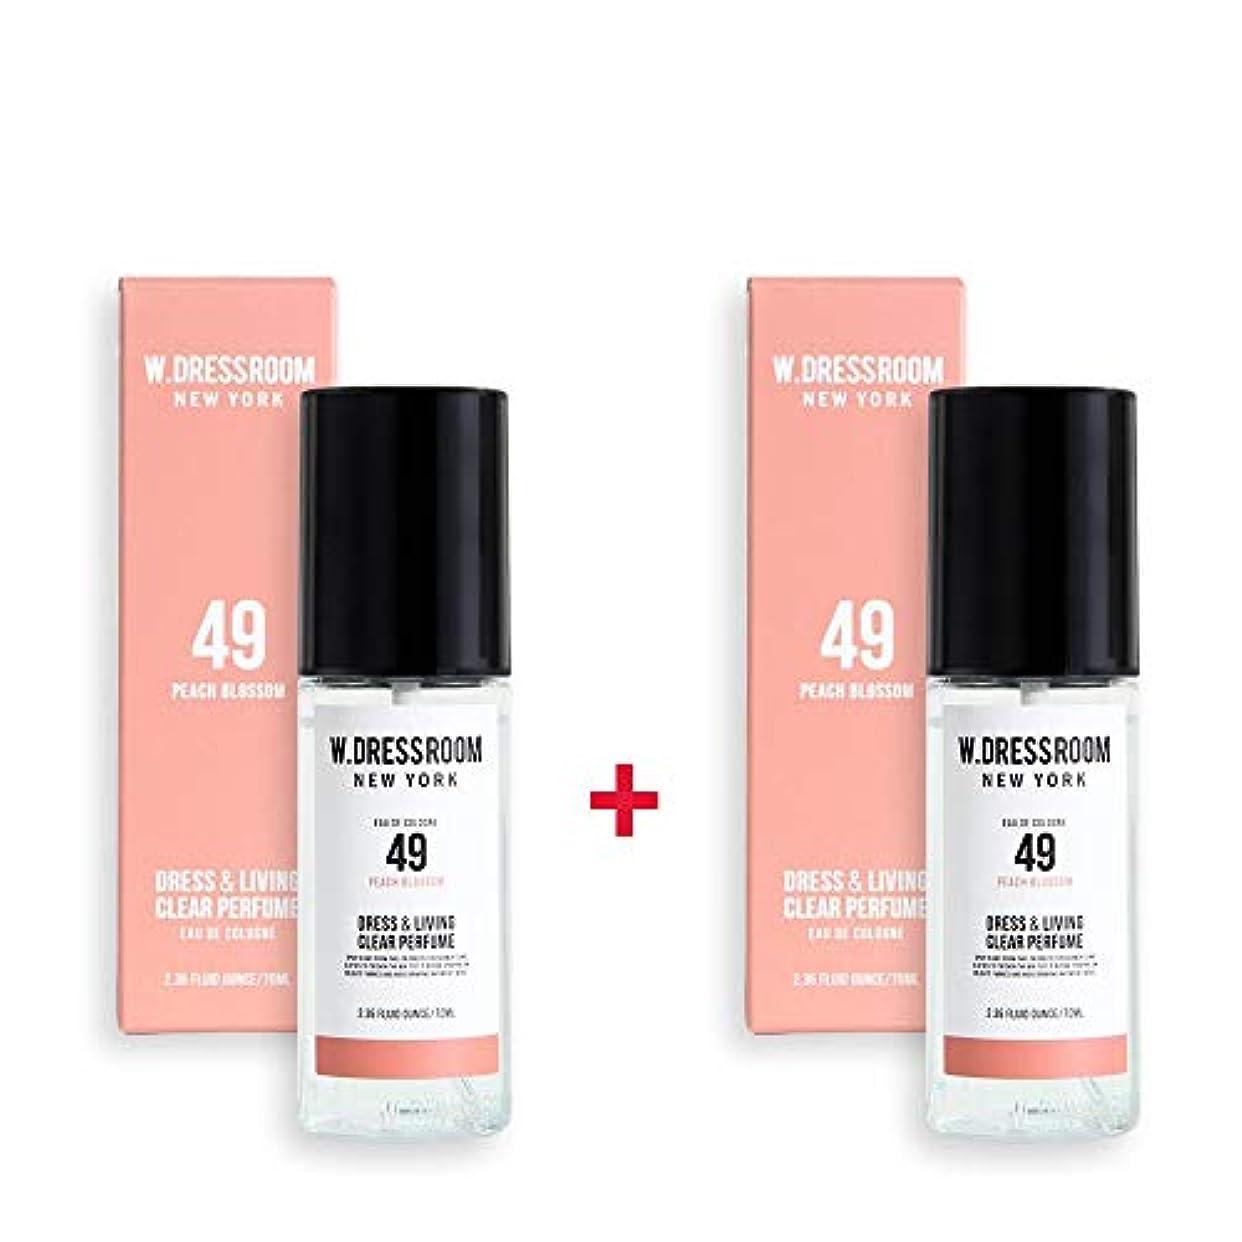 W.DRESSROOM Dress & Living Clear Perfume 70ml (No 49 Peach Blossom)+(No 49 Peach Blossom)